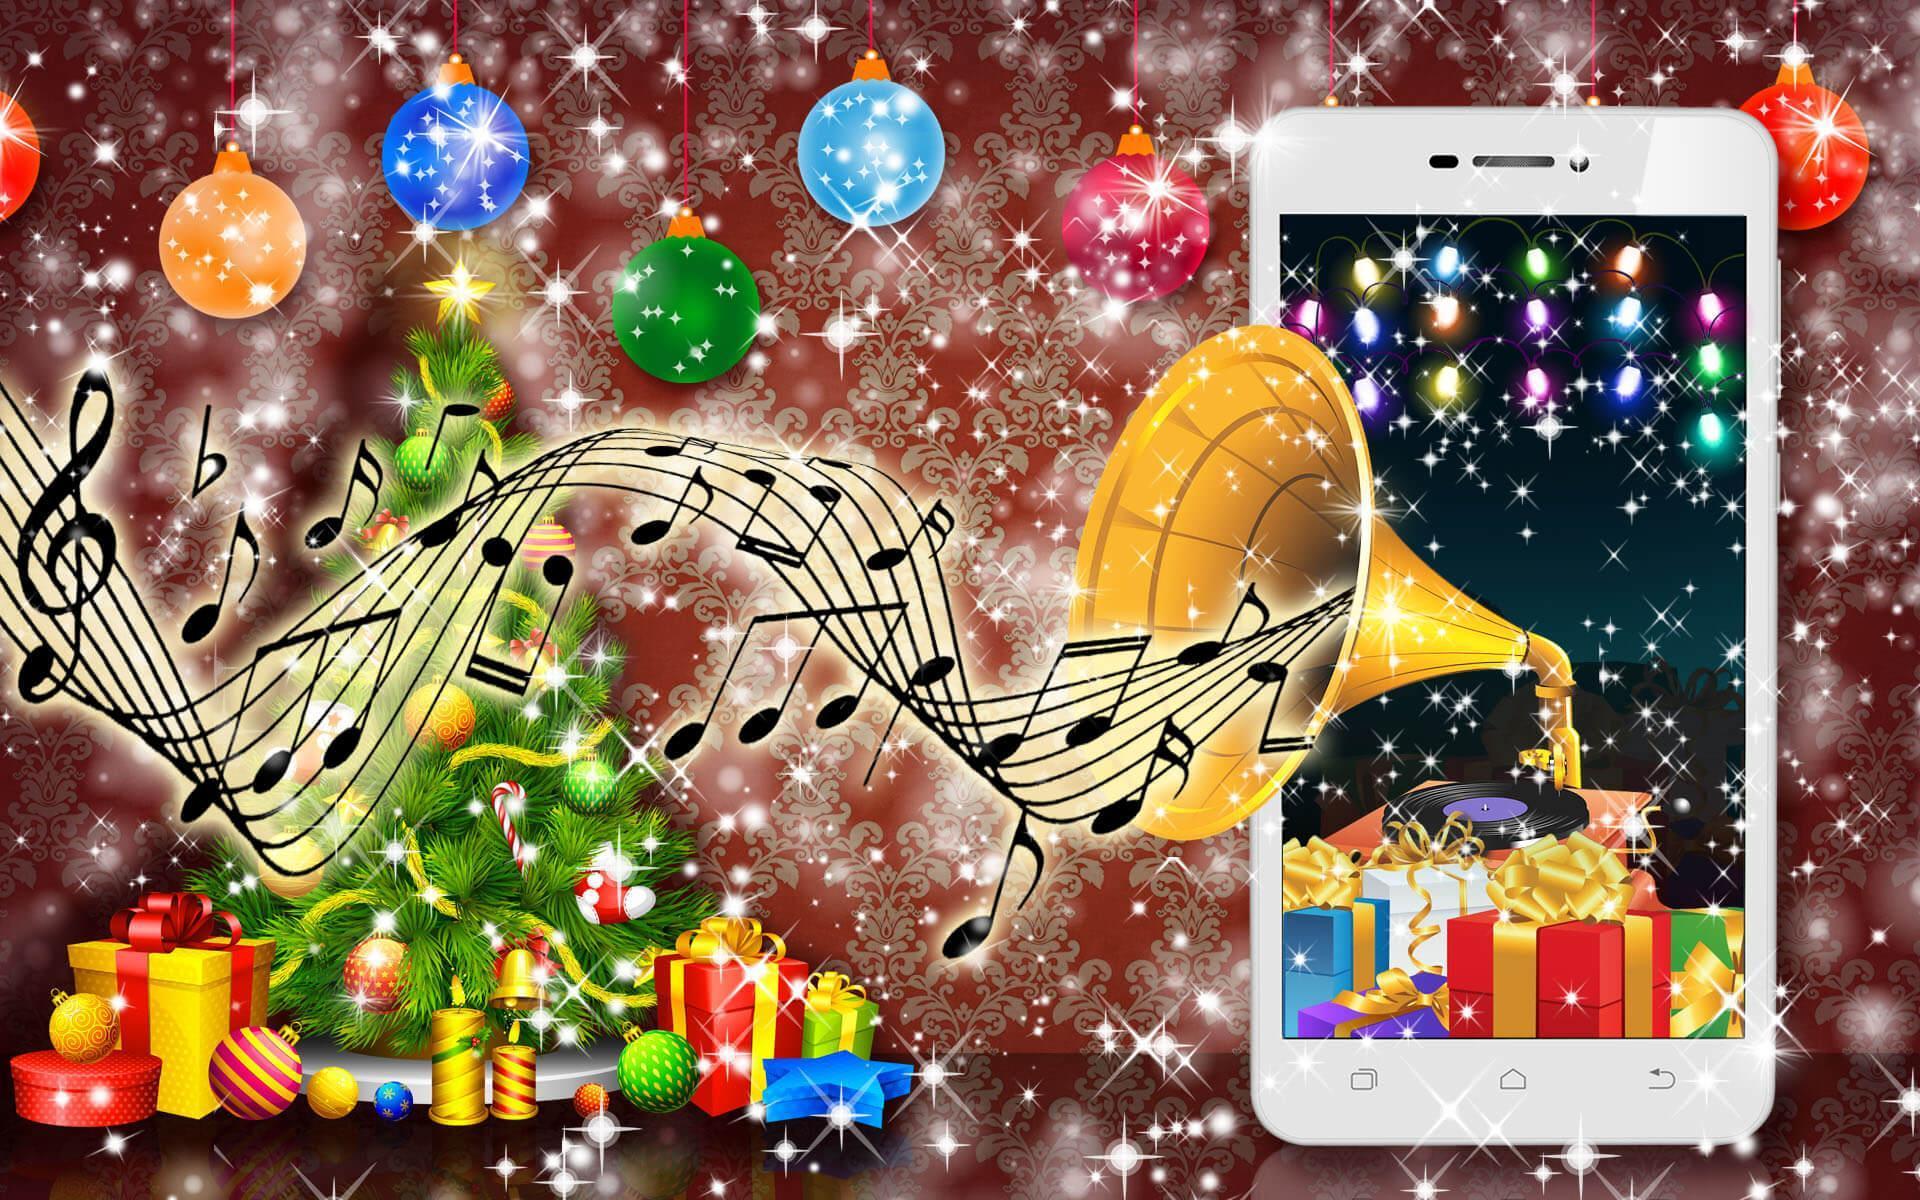 اغنية السنة الجديدة - اغاني جديده 2020 for Android - APK Download